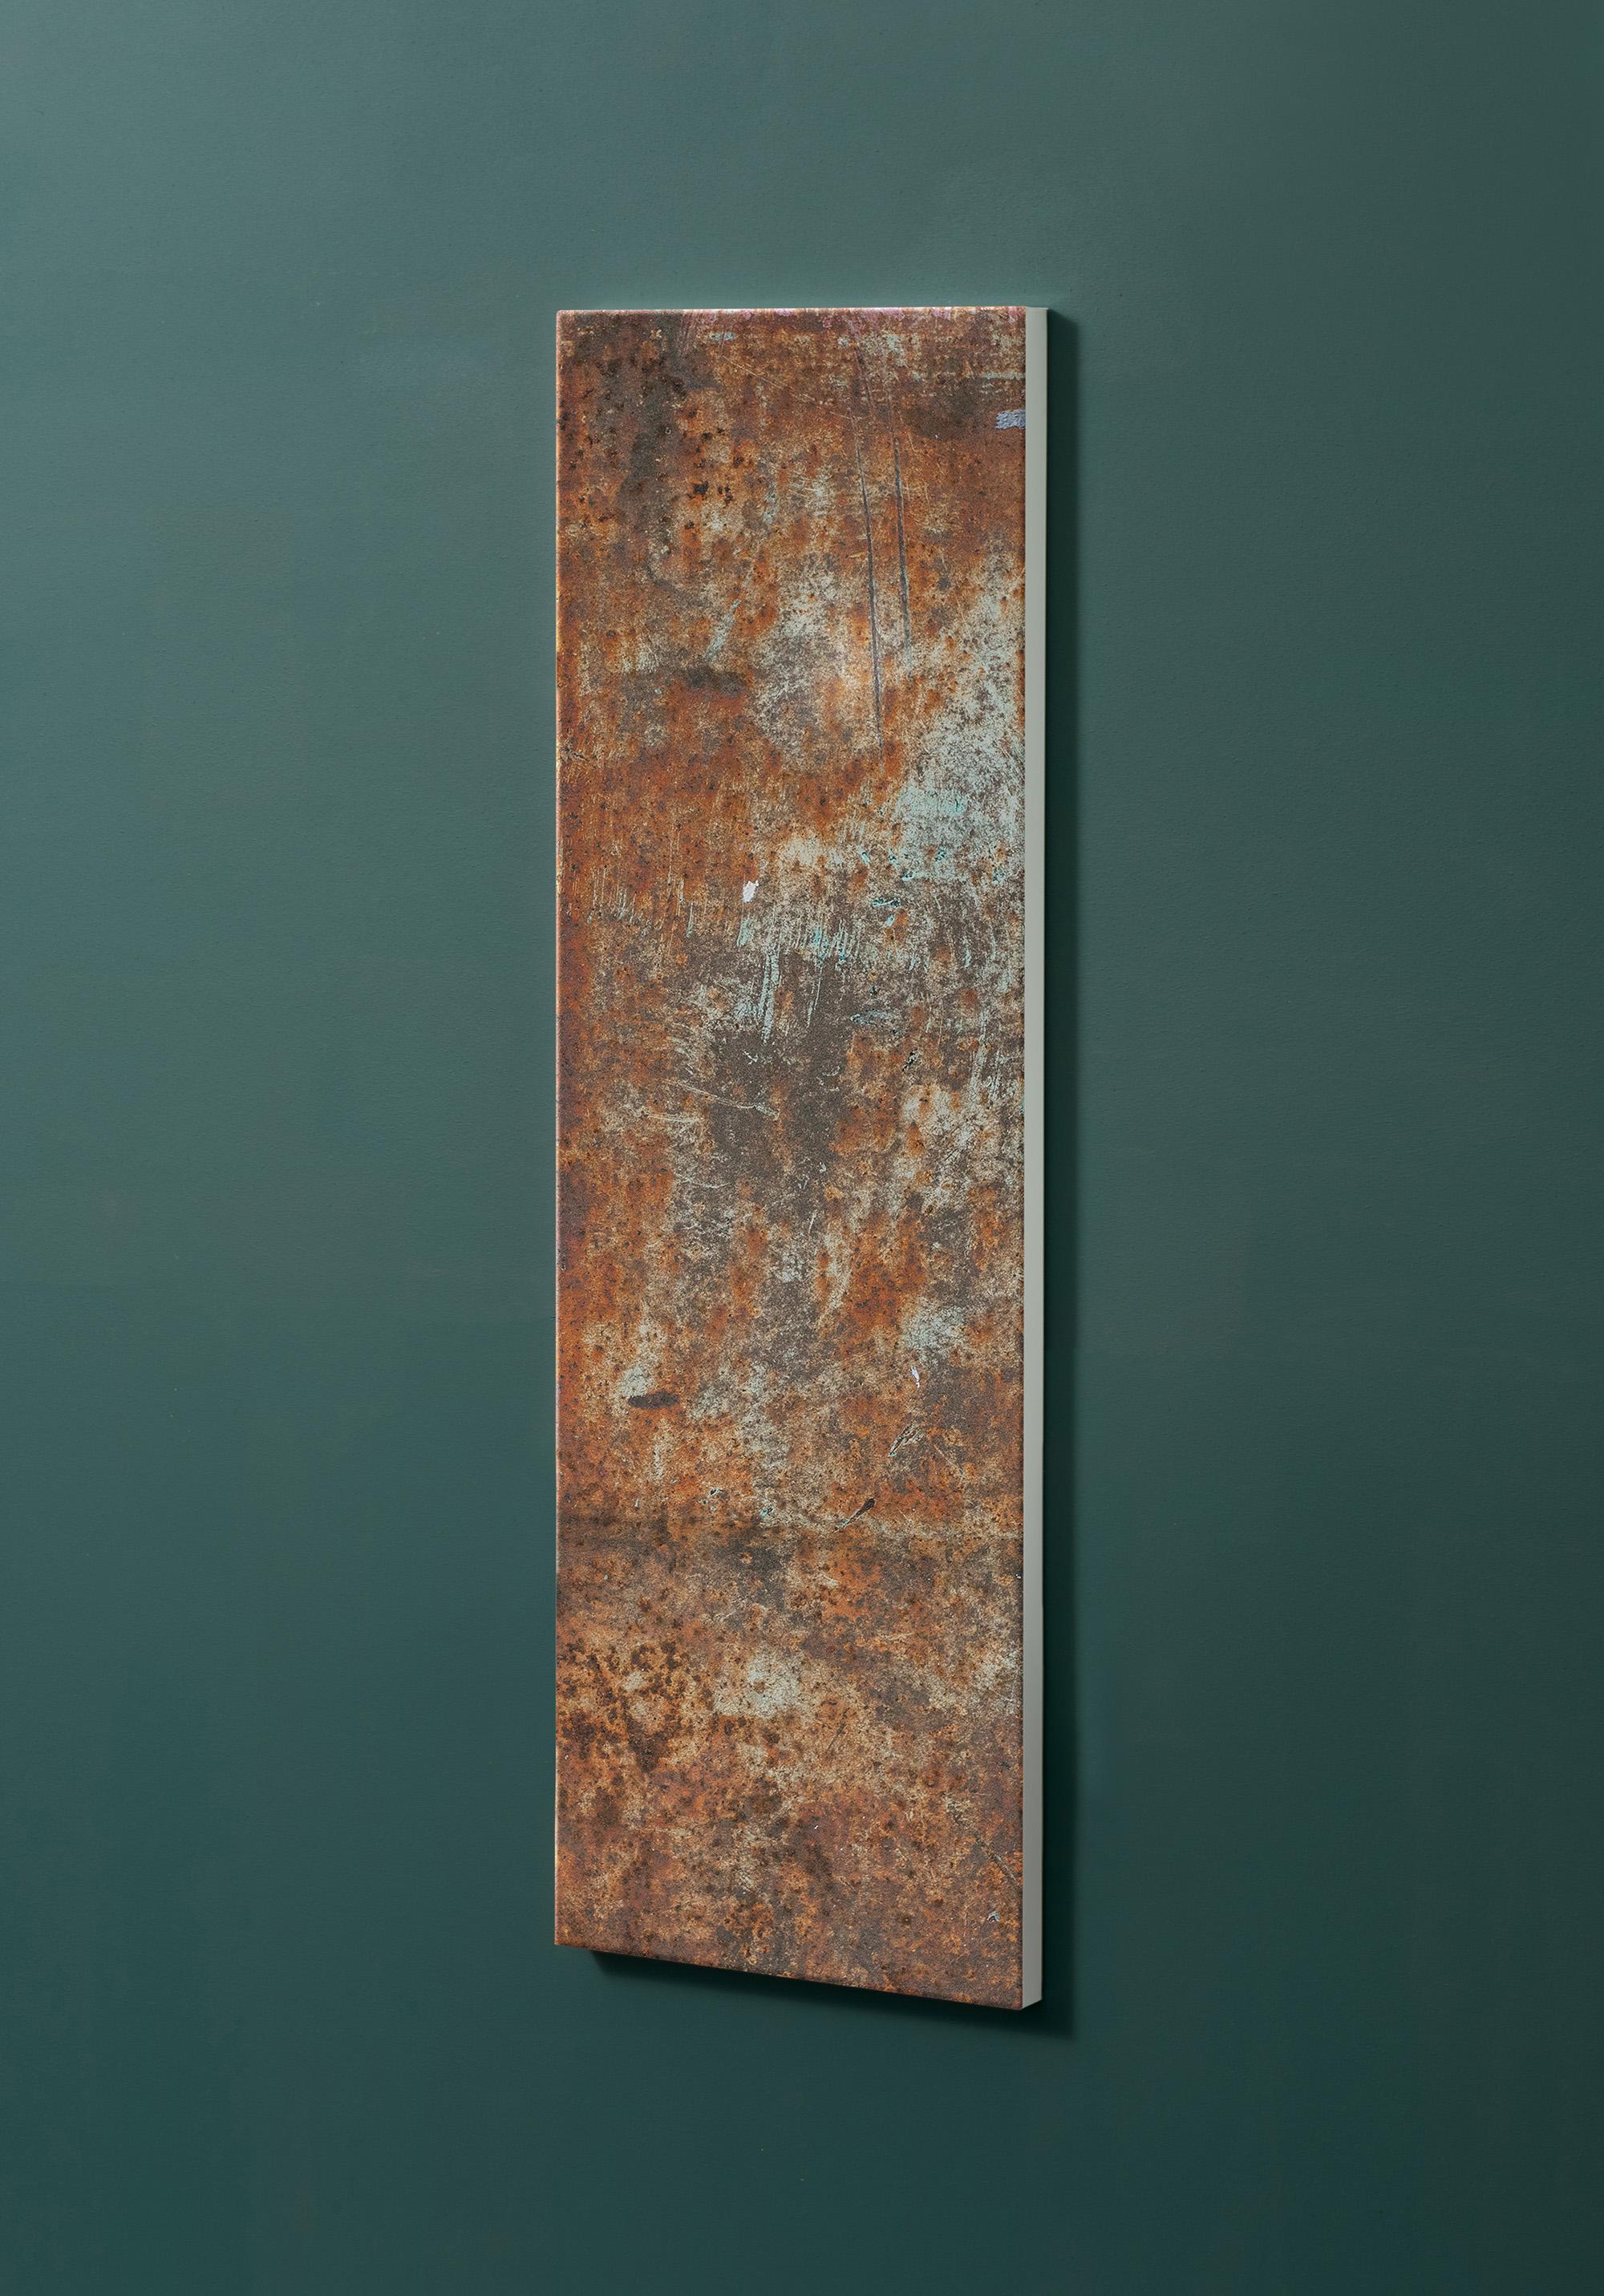 Magnettafel NOTIZ 30x90cm Motiv-Pinnwand M106 Rost